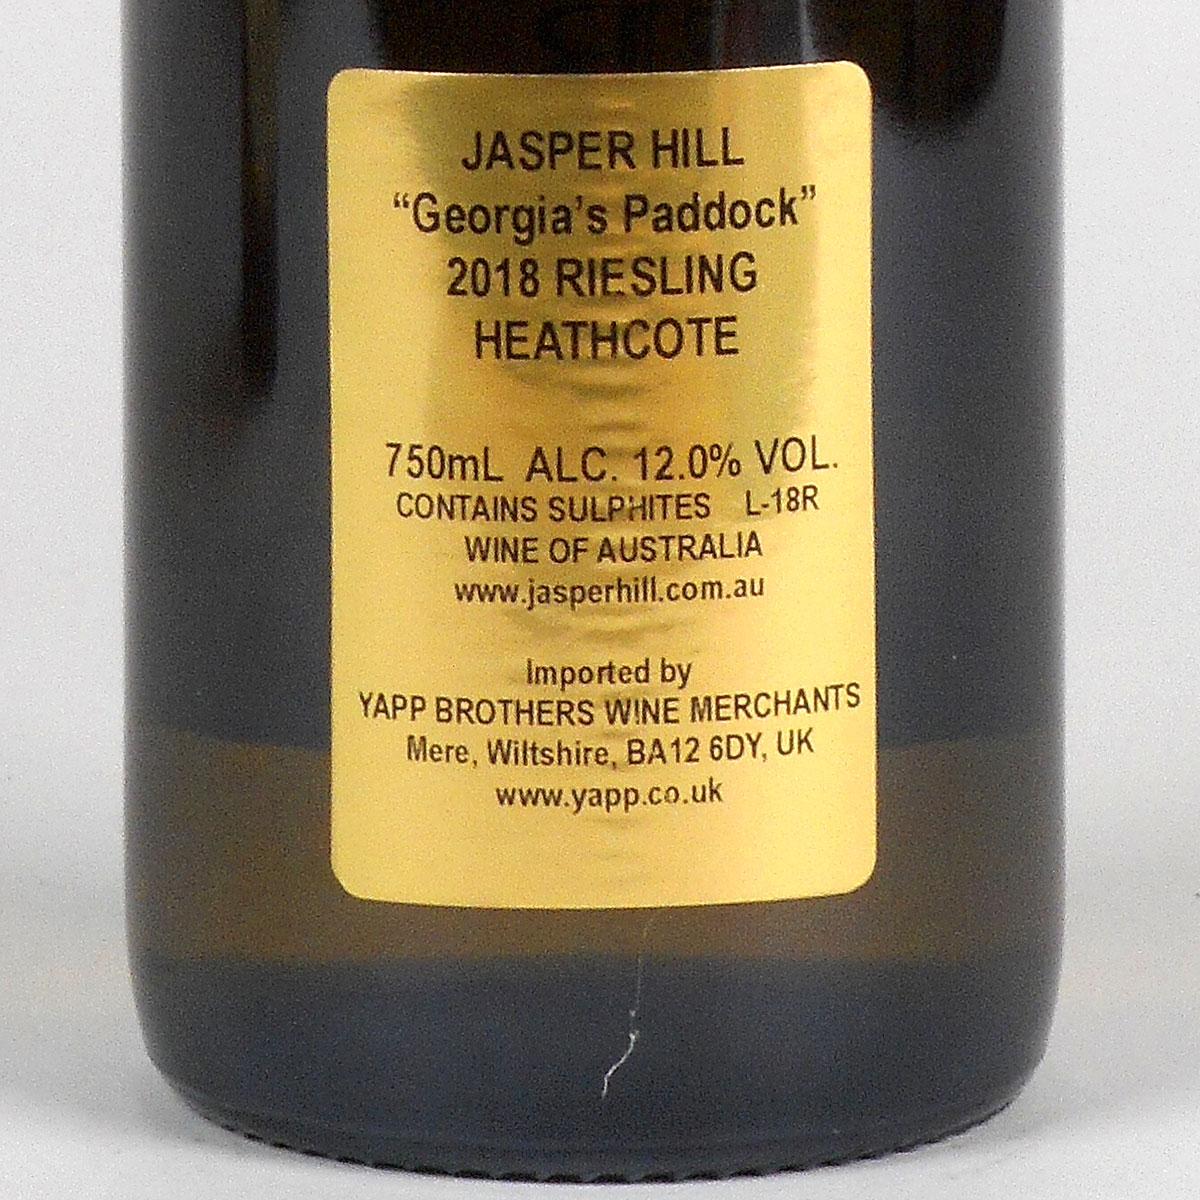 Jasper Hill: Georgia's Paddock Riesling 2018 - Bottle Rear Label